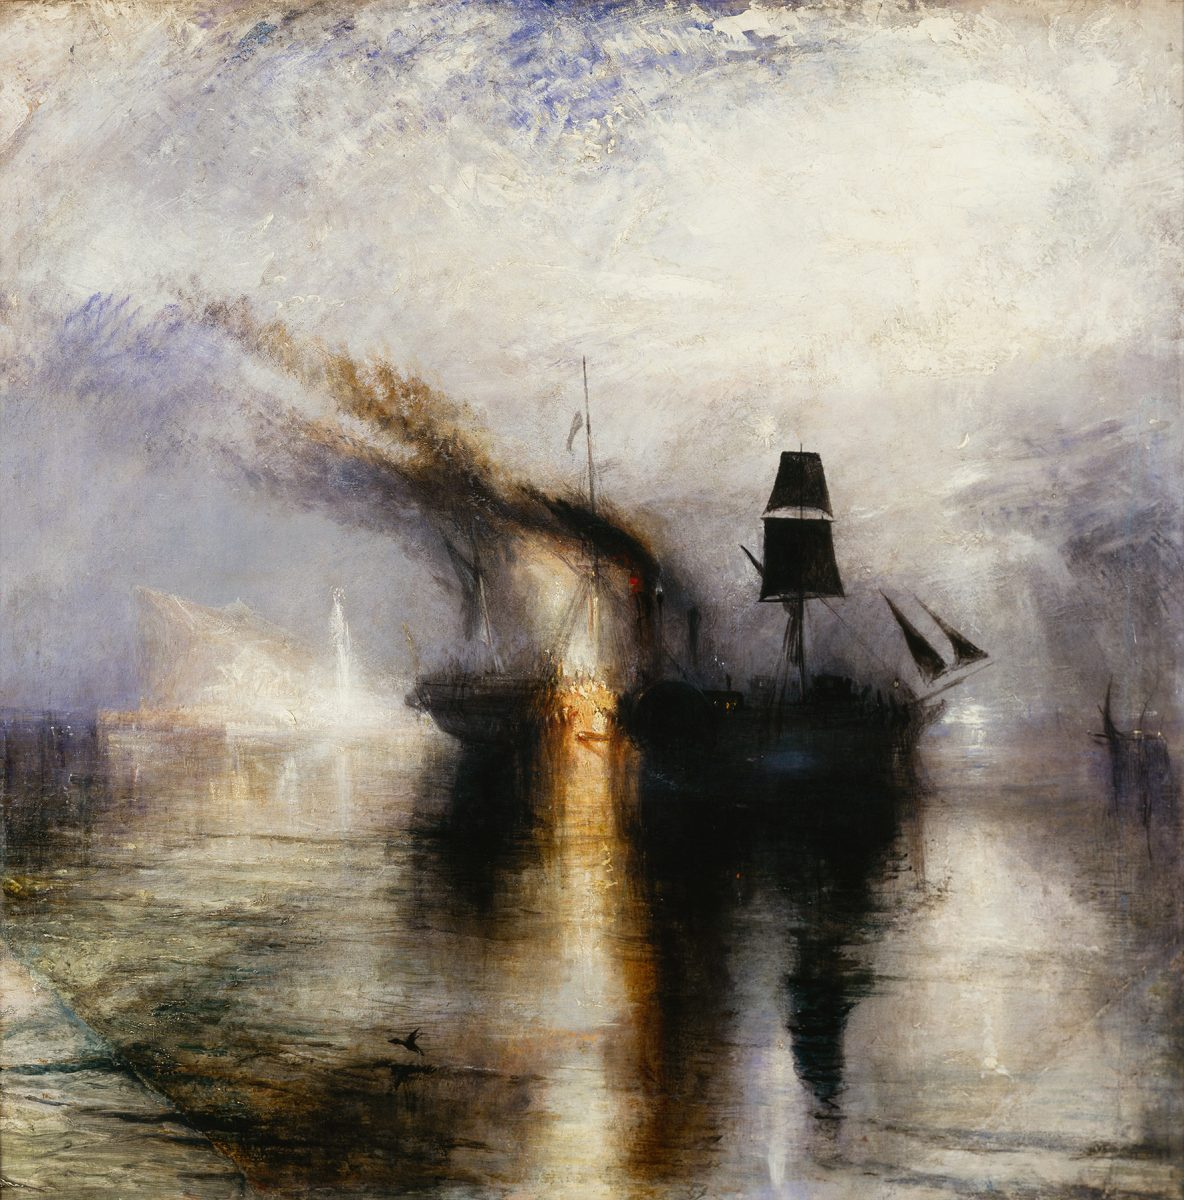 Man sieht auf ein Bild mit zwei Schiffen auf einem Meer. Die Schiffe sind schwarz vor einem hellen Hintergrund. Sie spiegeln sich dunkel auf dem Wasser.